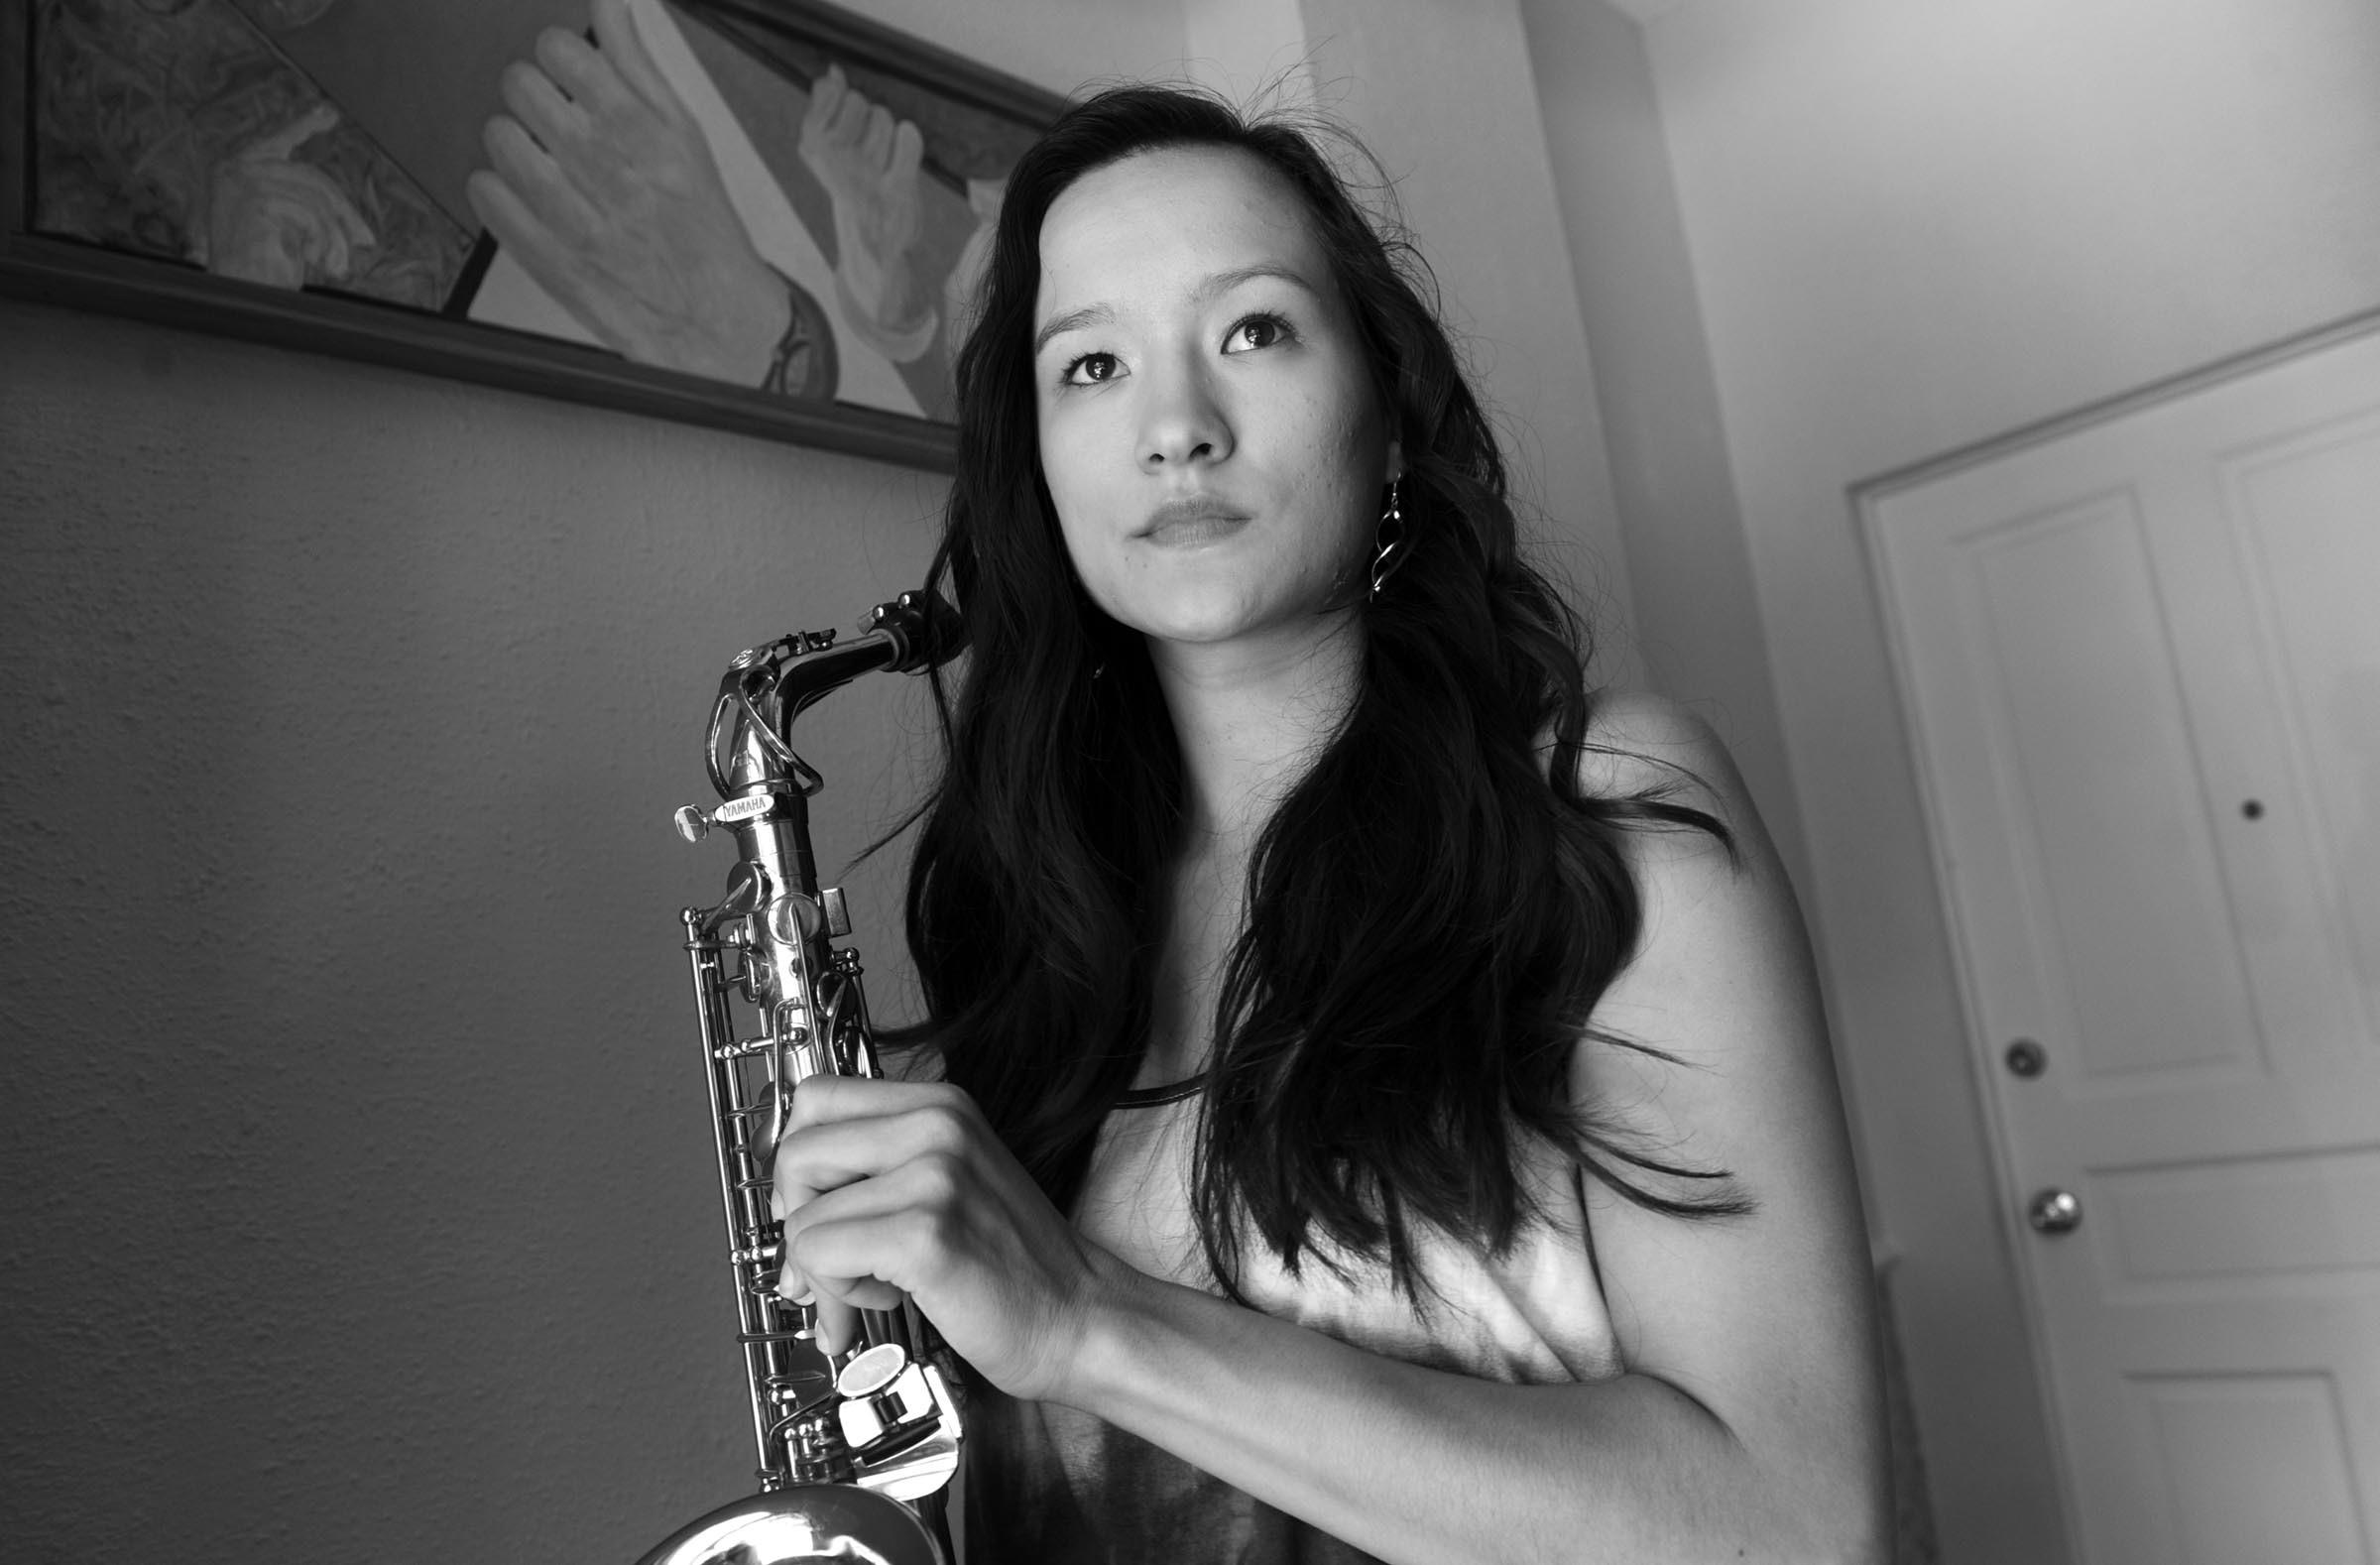 Local saxophonist Suzi Fischer has been blazing her own path in the male-dominated jazz world. - SCOTT ELMQUIST